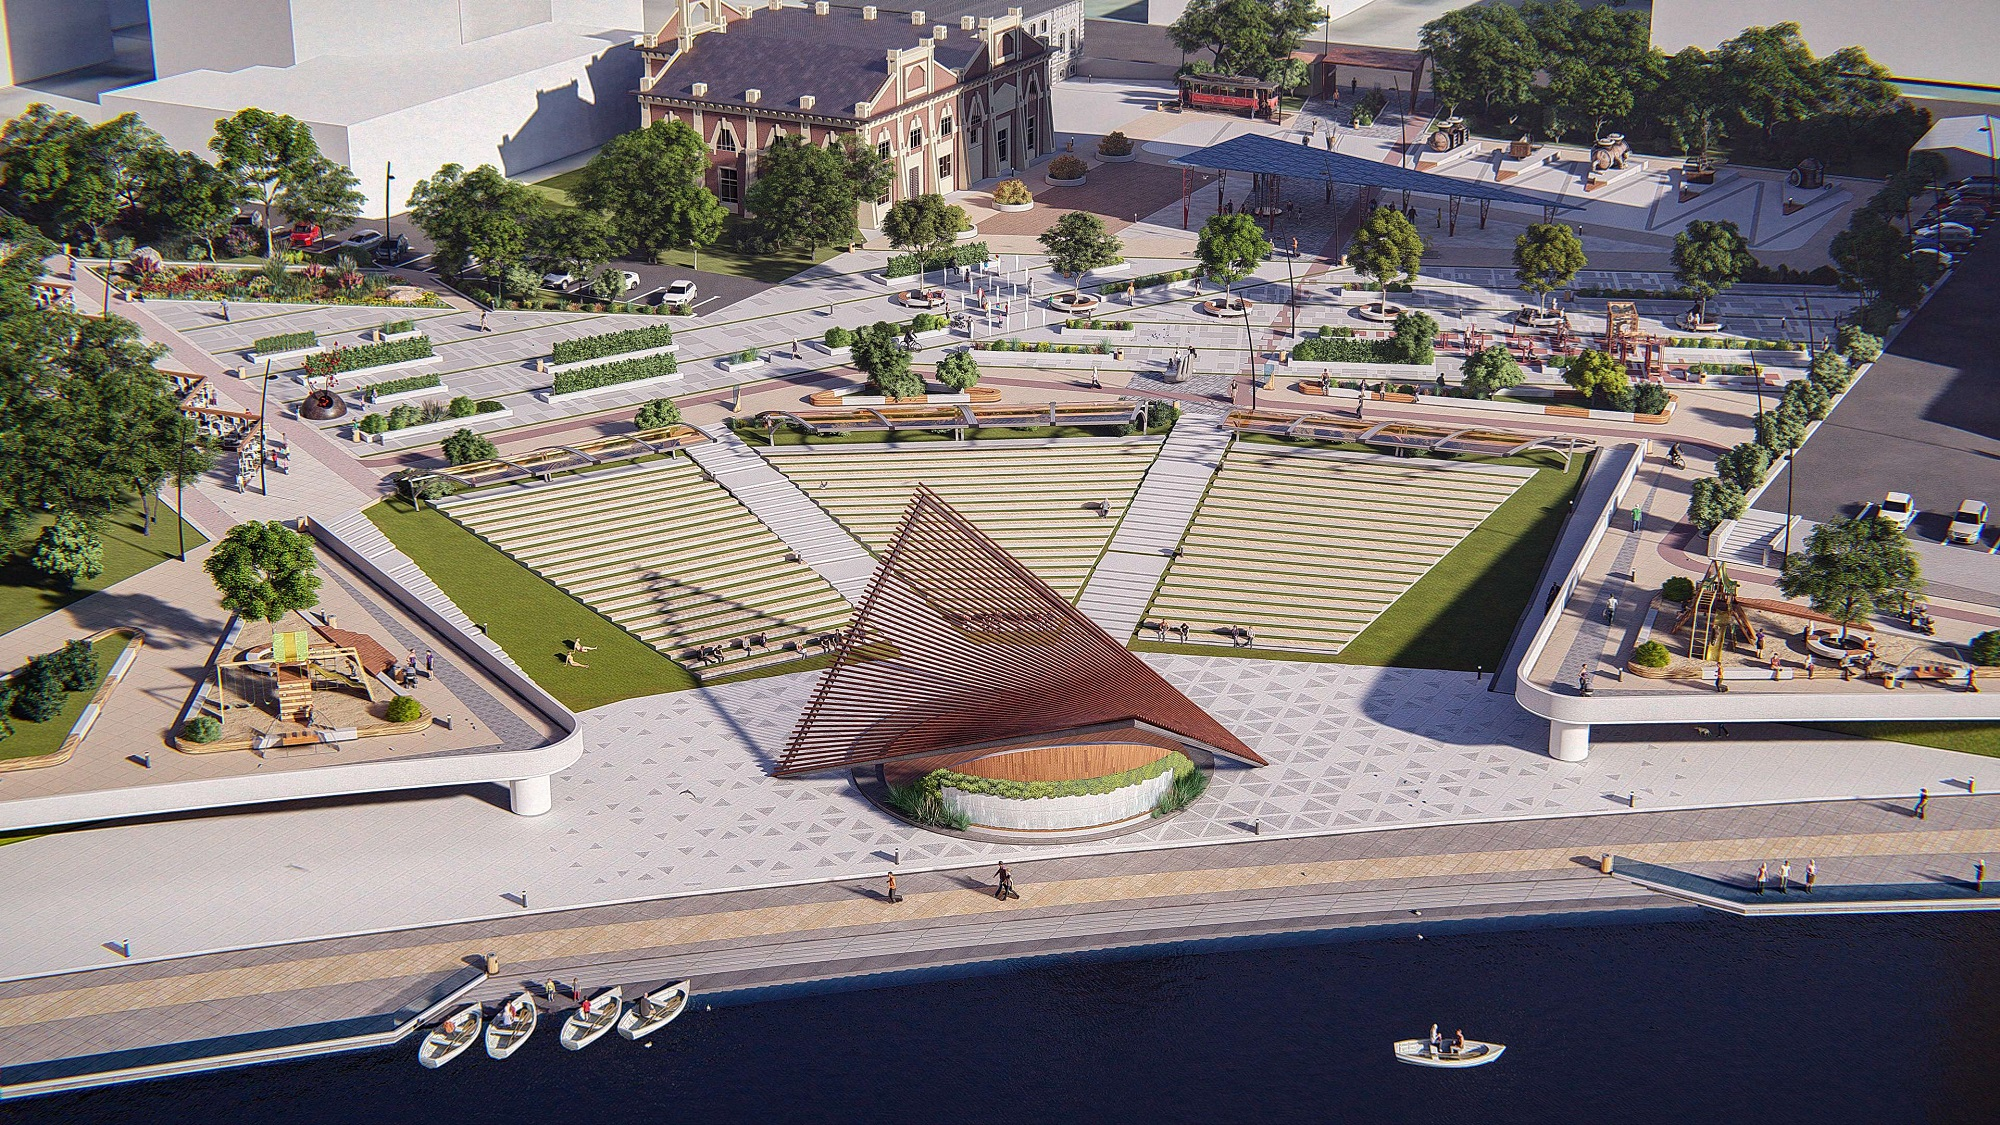 В центре набережной разместится летний театр с крытой сценой